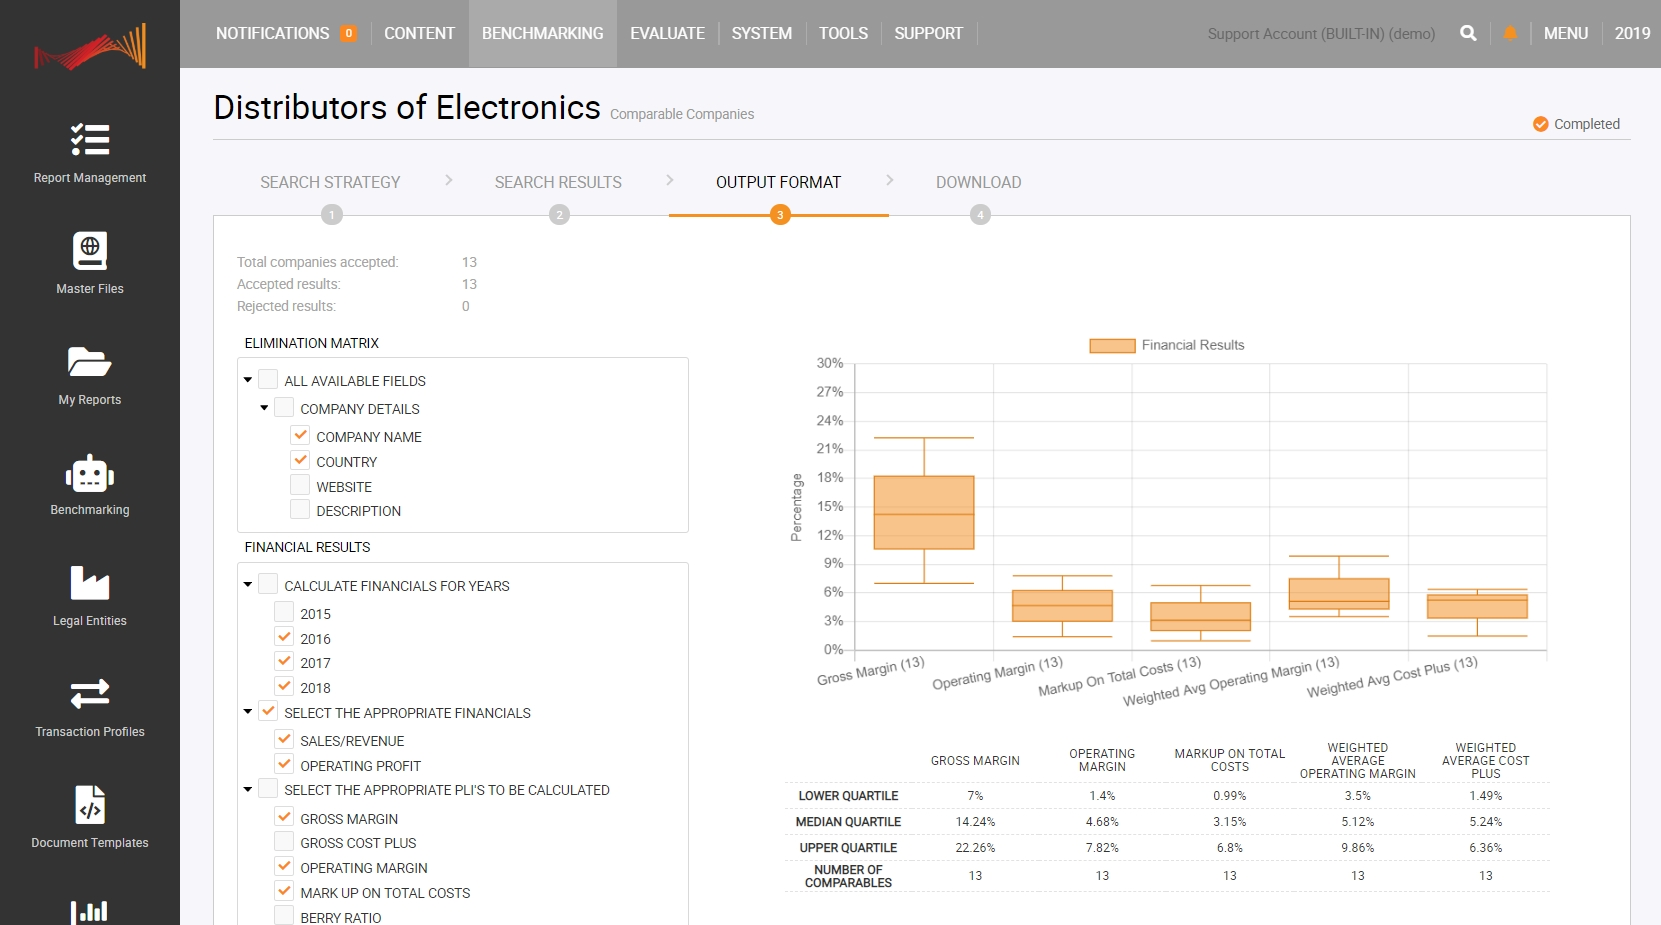 TPGenie-benchmarking-database